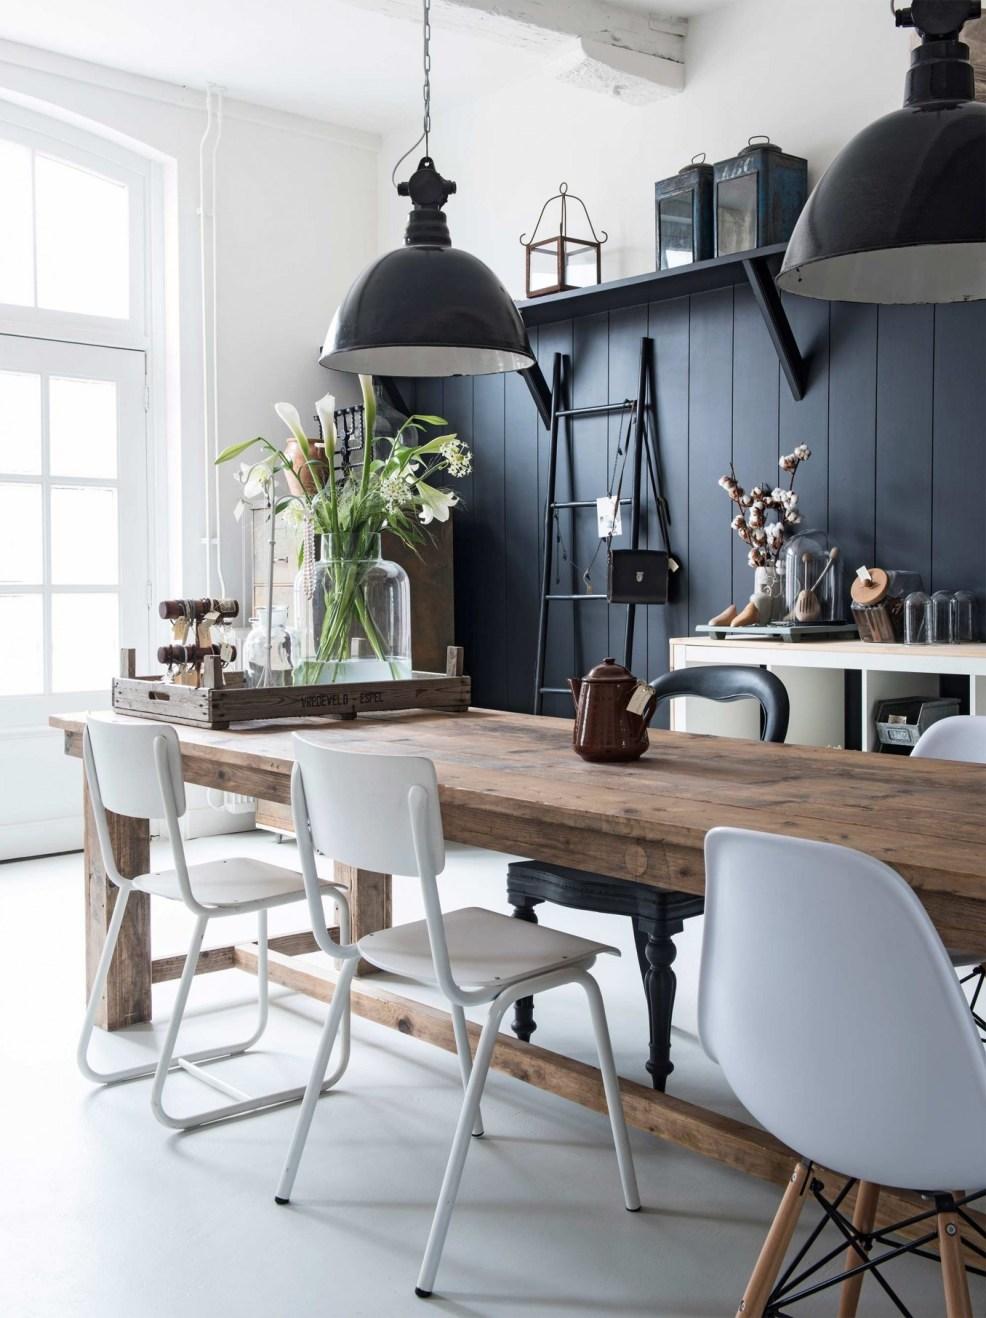 Une charmante salle à manger au style rustique et contemporain, avec sa belle table en bois brut et ses objets vintage. Retrouvez toutes les images de cette maison de campagne dans l'article !